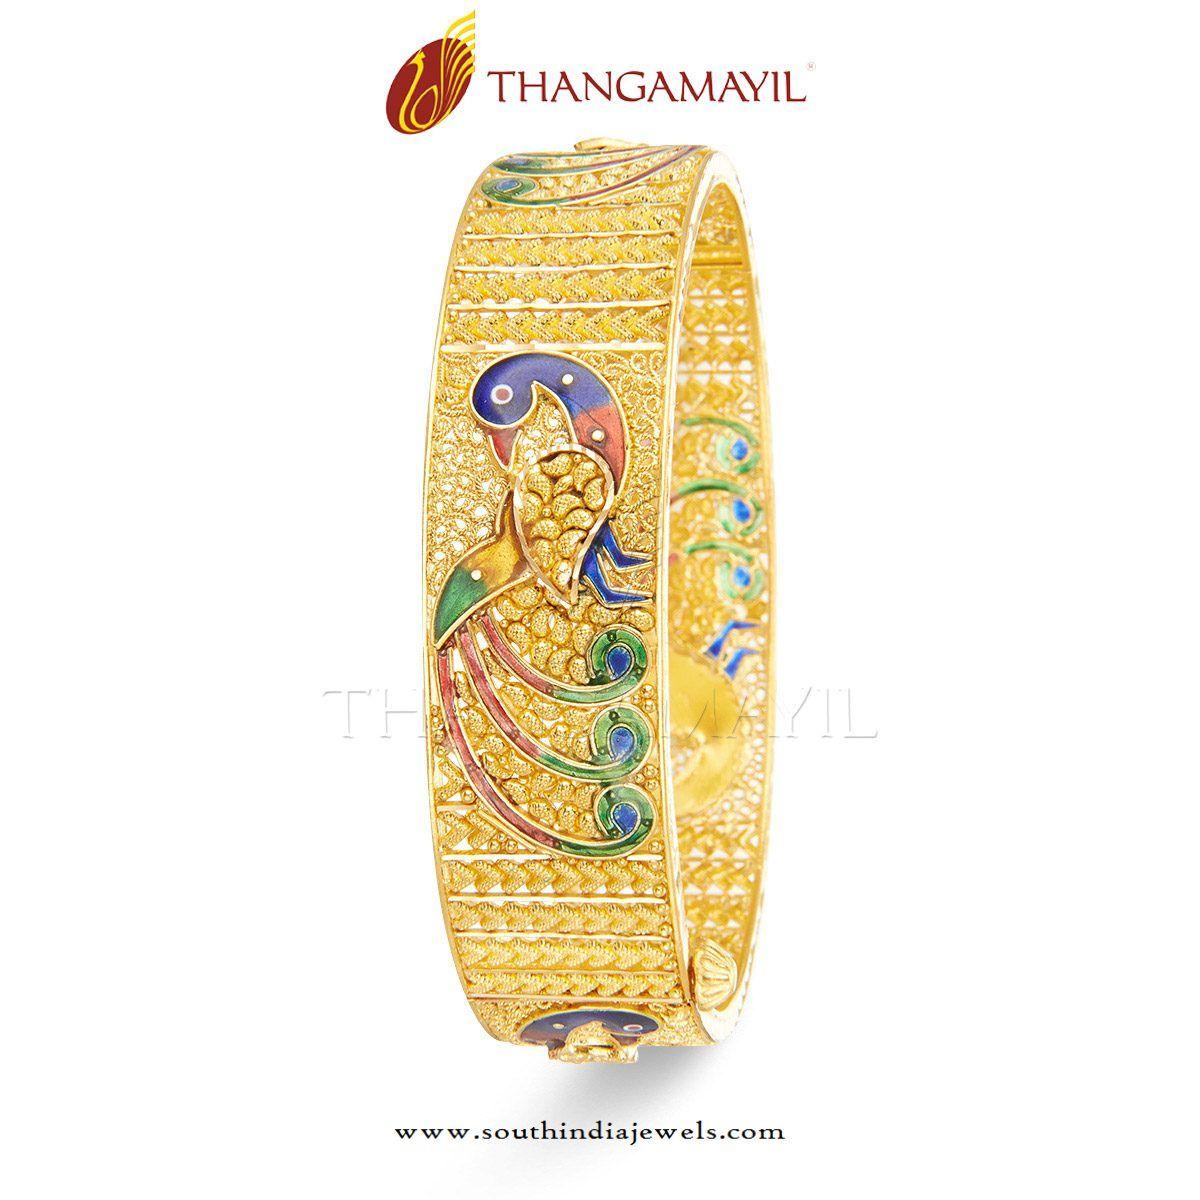 Gold Bridal Bangles with Enamel Work | Gold bangles design, Gold ...